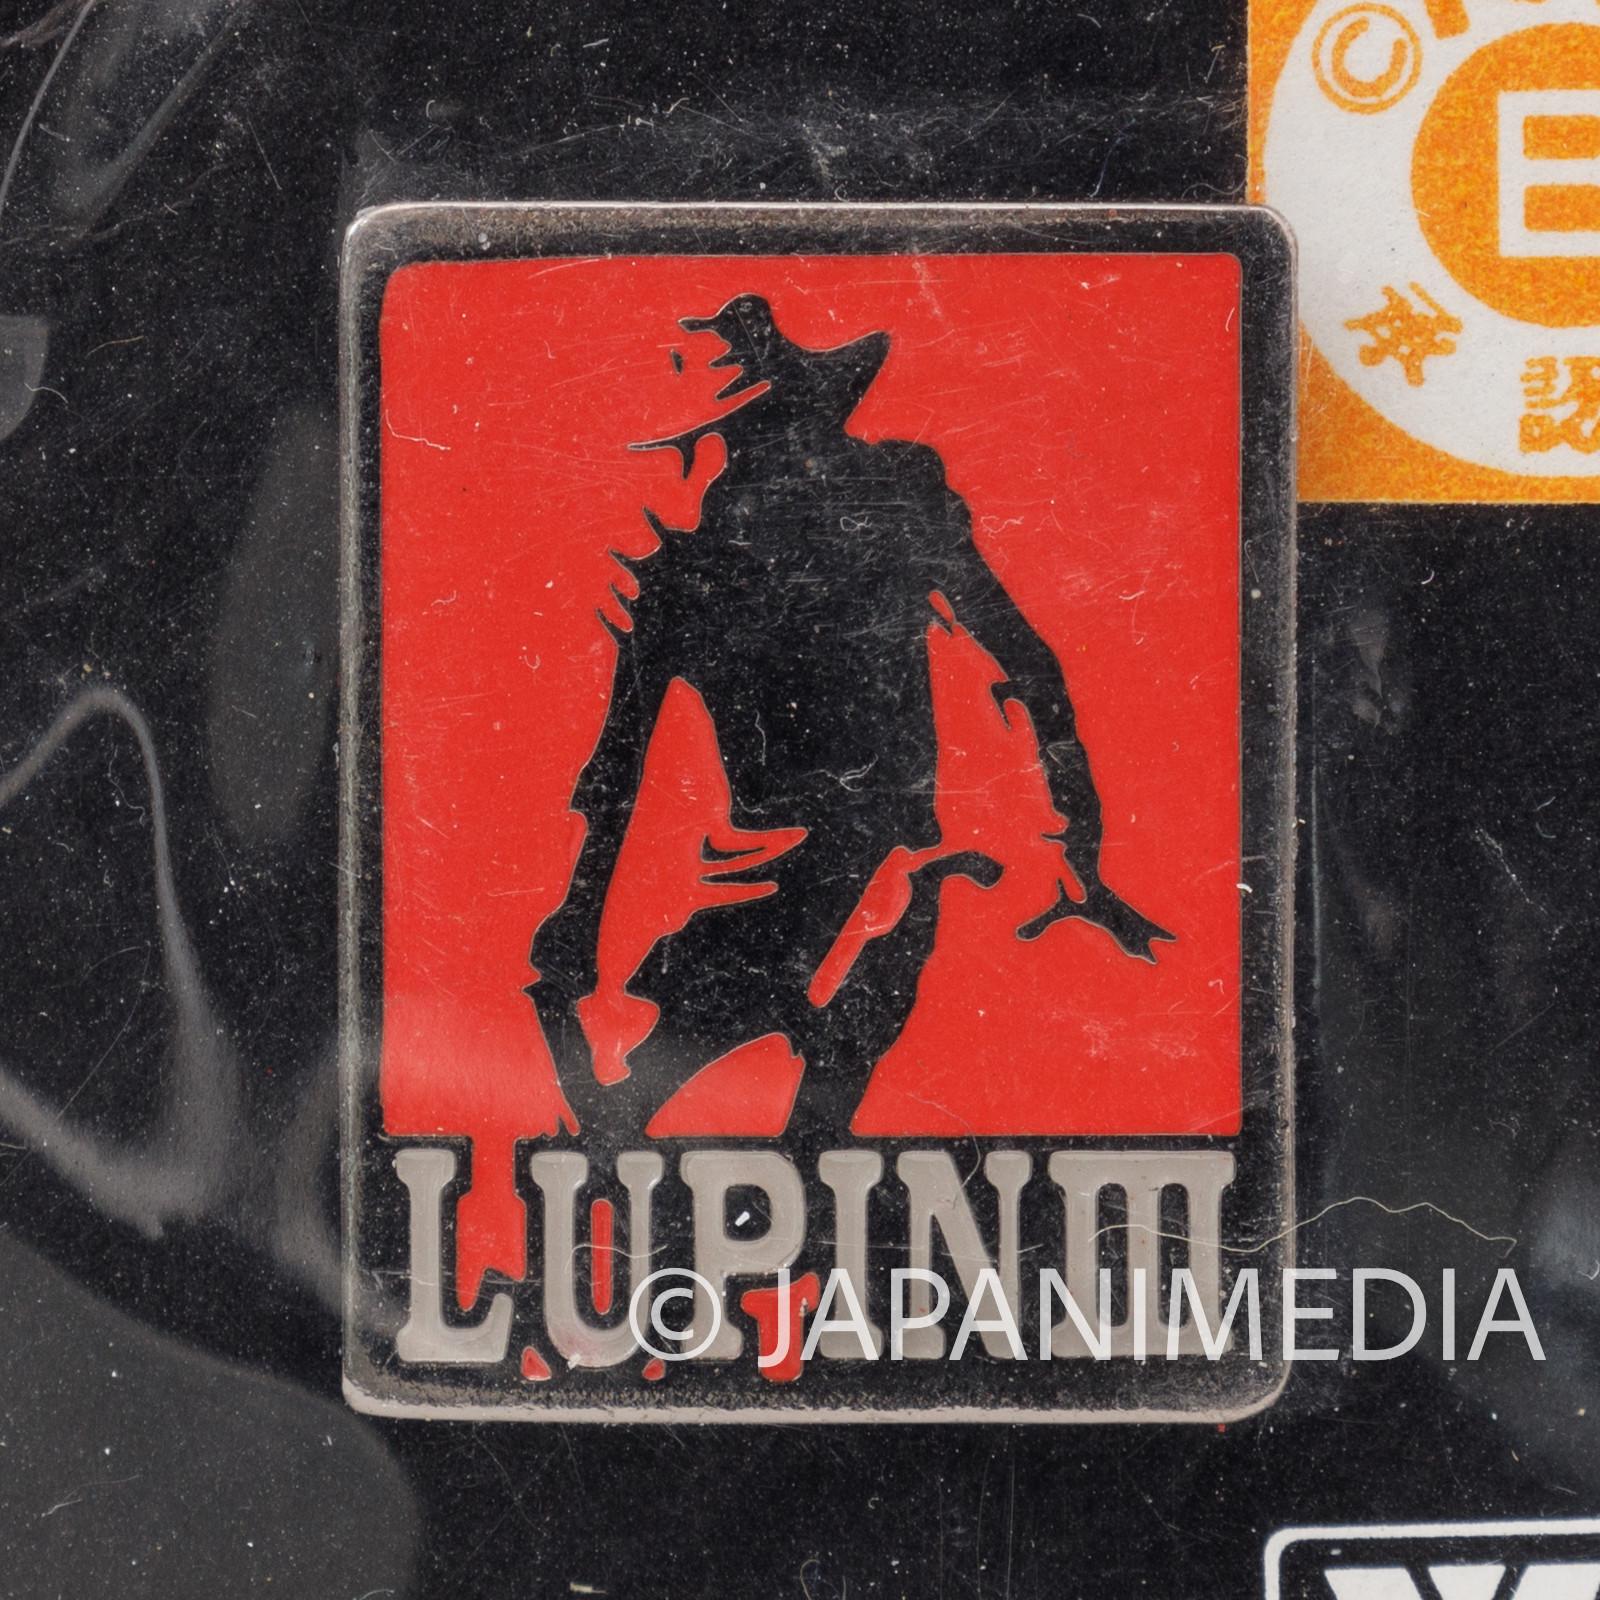 Lupin the Third (3rd) Jigen Daisuke Metal Pins JAPAN ANIME 2